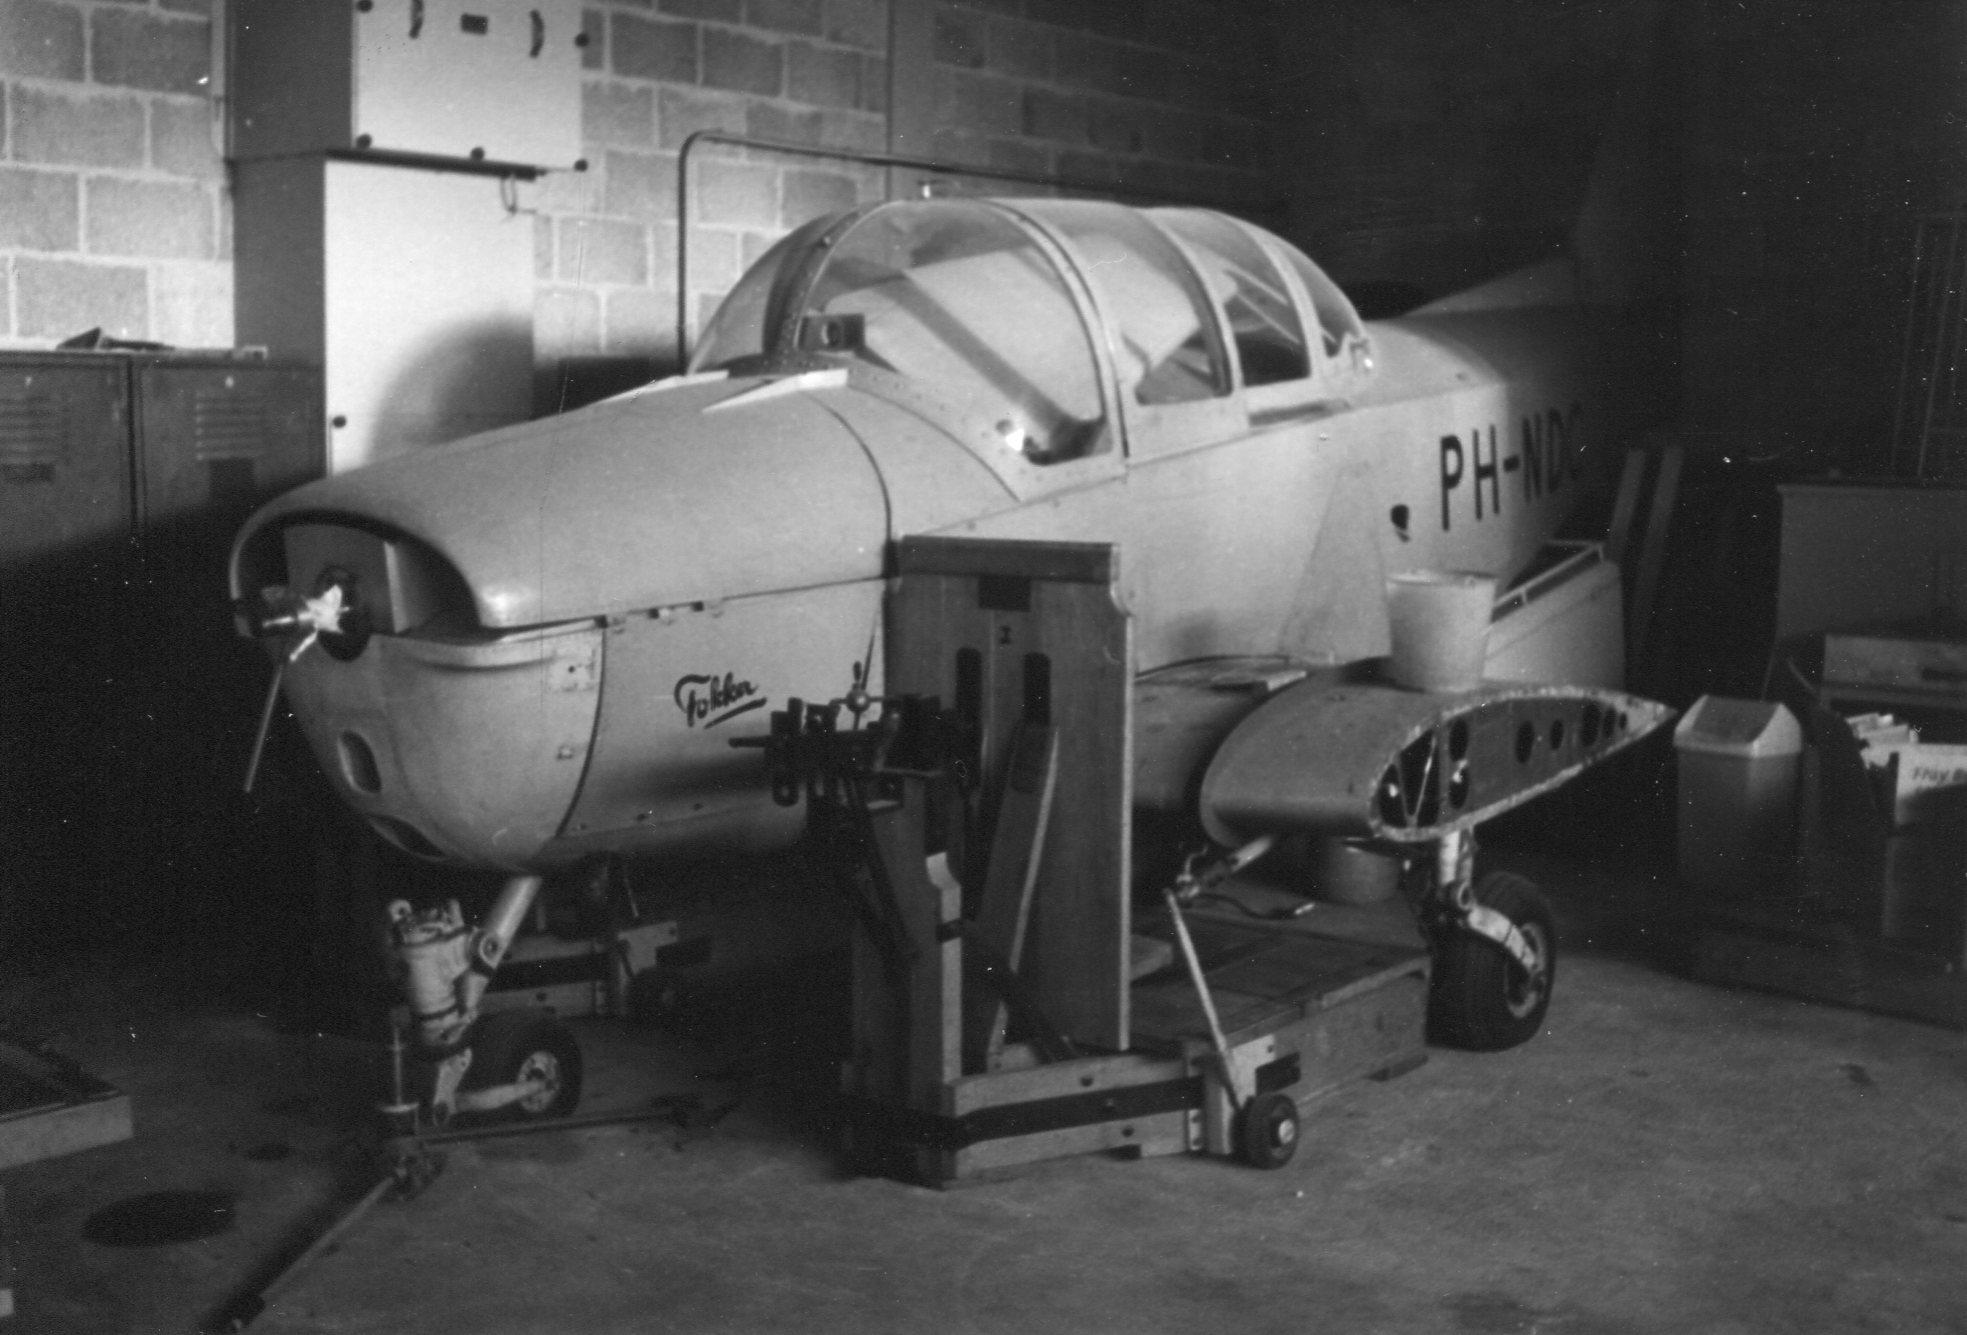 Naam: S 12 prototype , Zestienhoven.jpg Bekeken: 63 Grootte: 275,8 KB